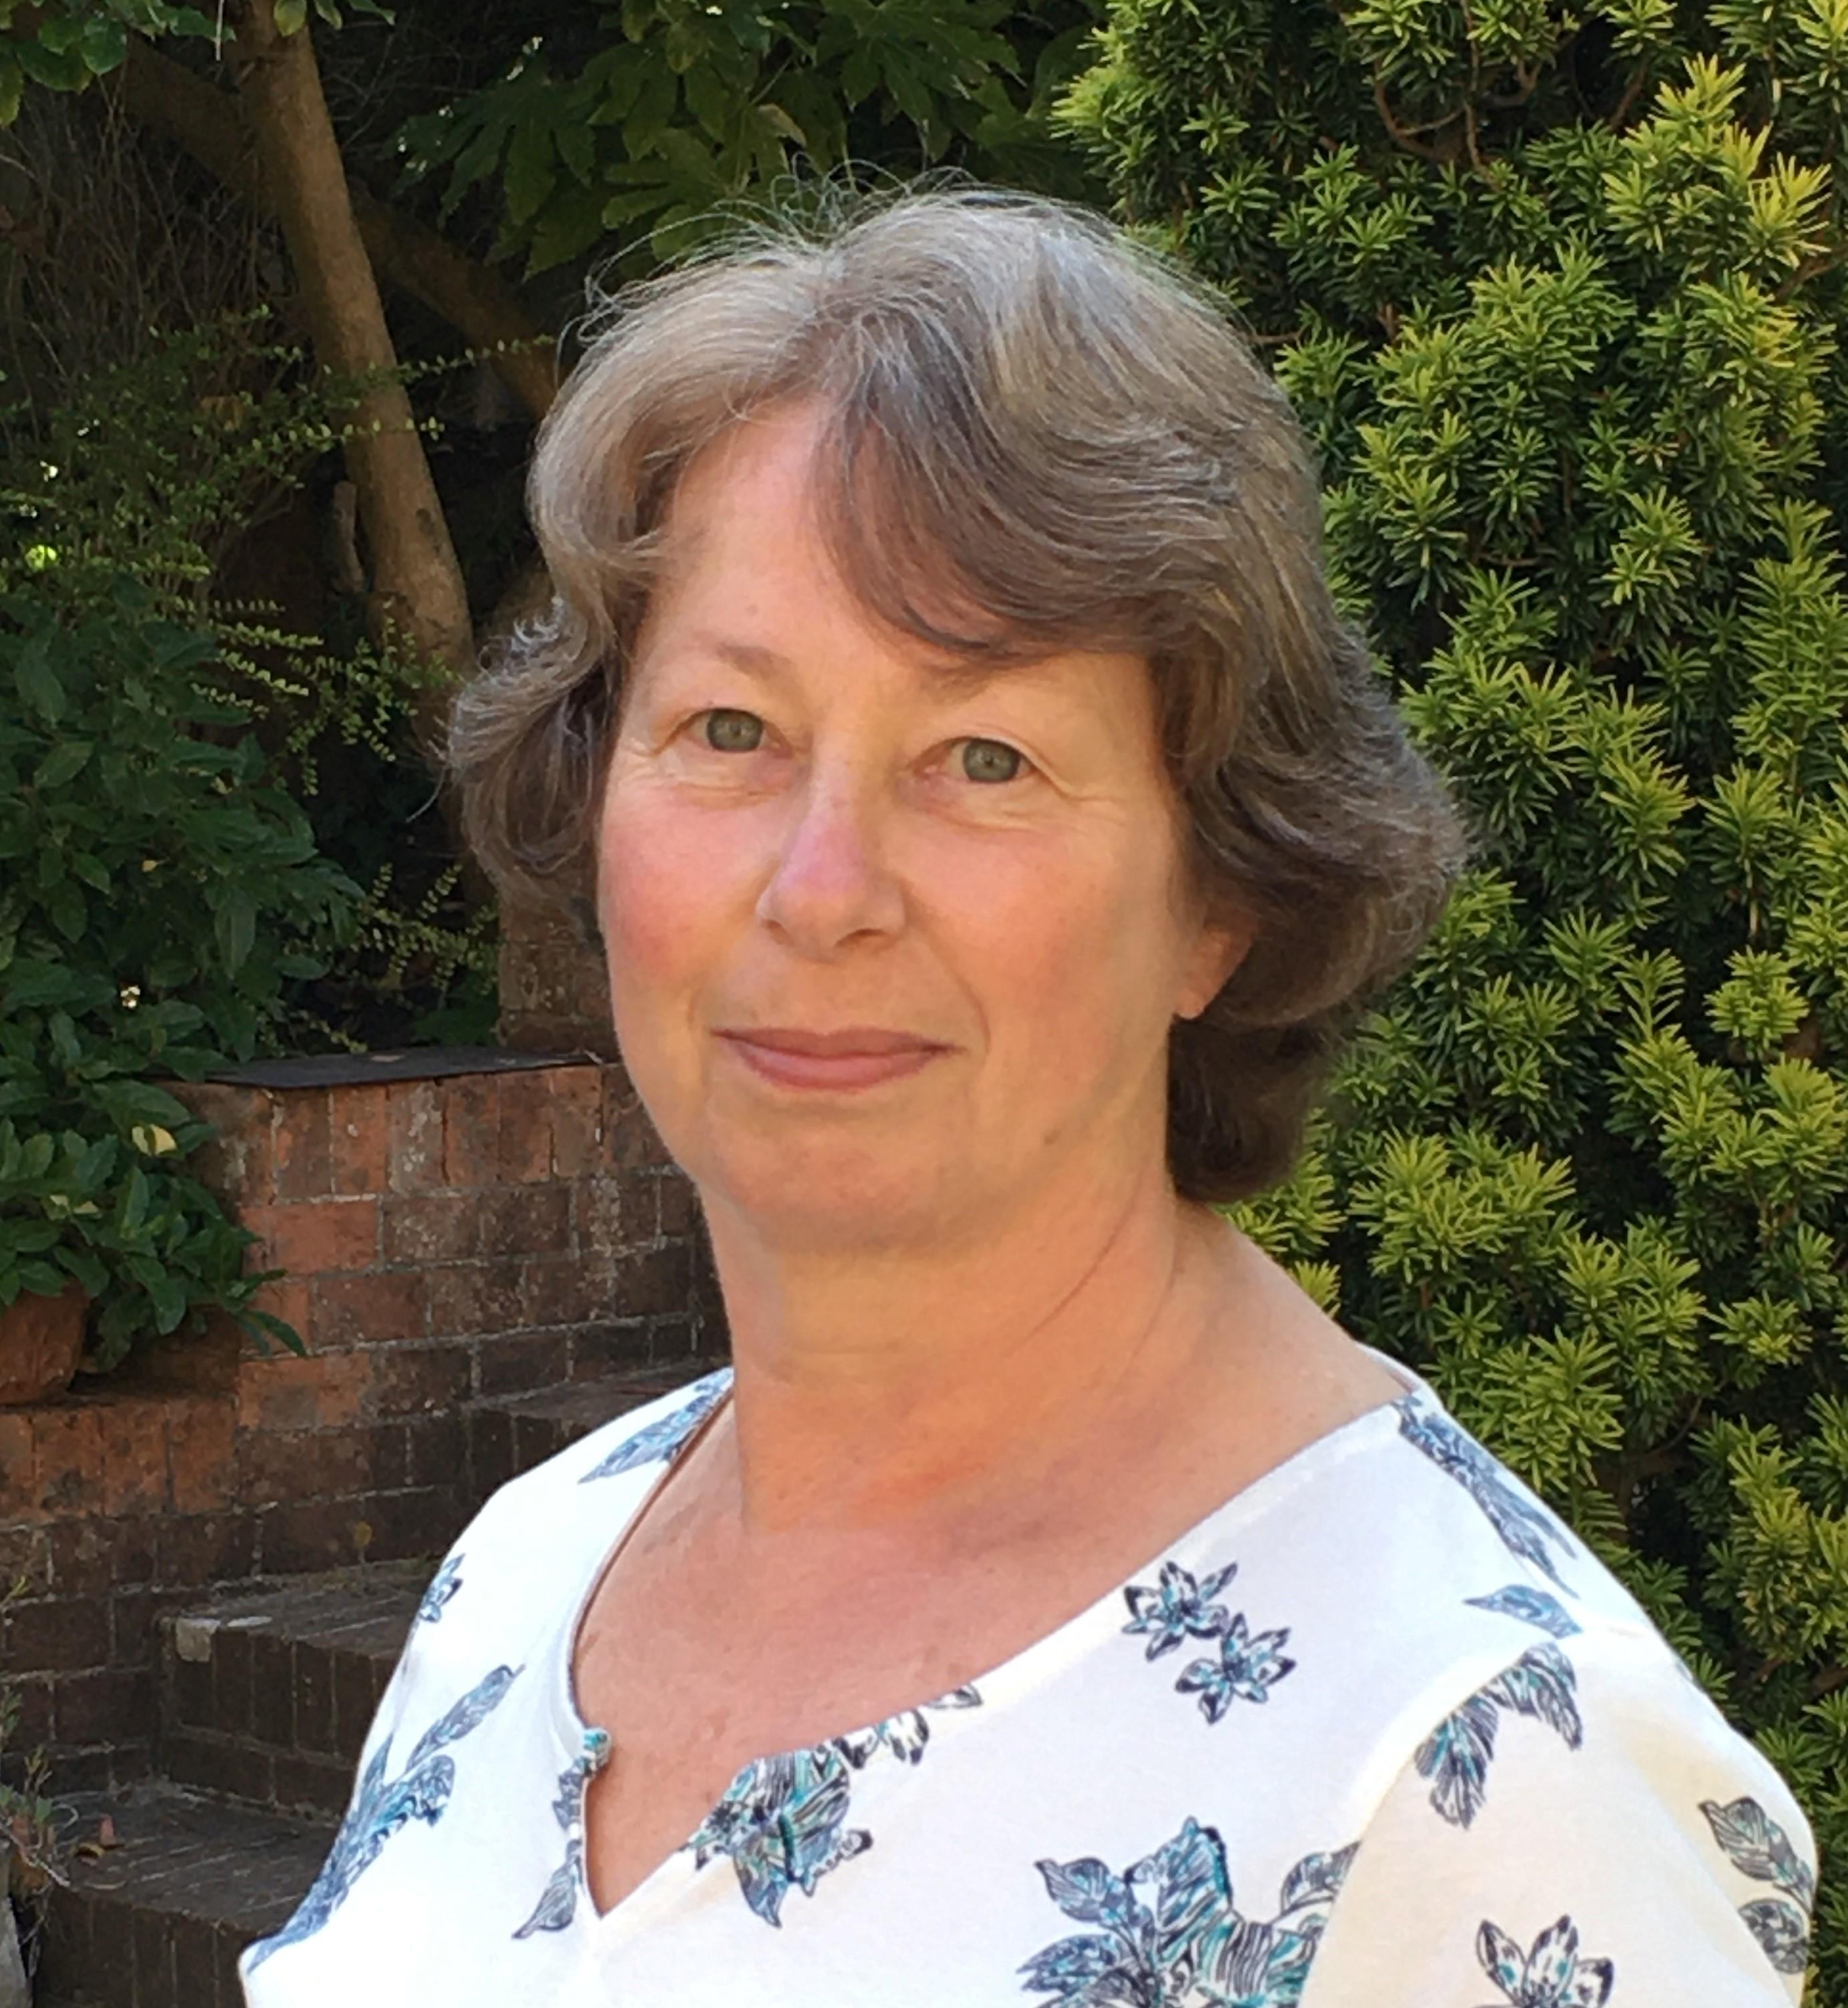 Debbie Plato